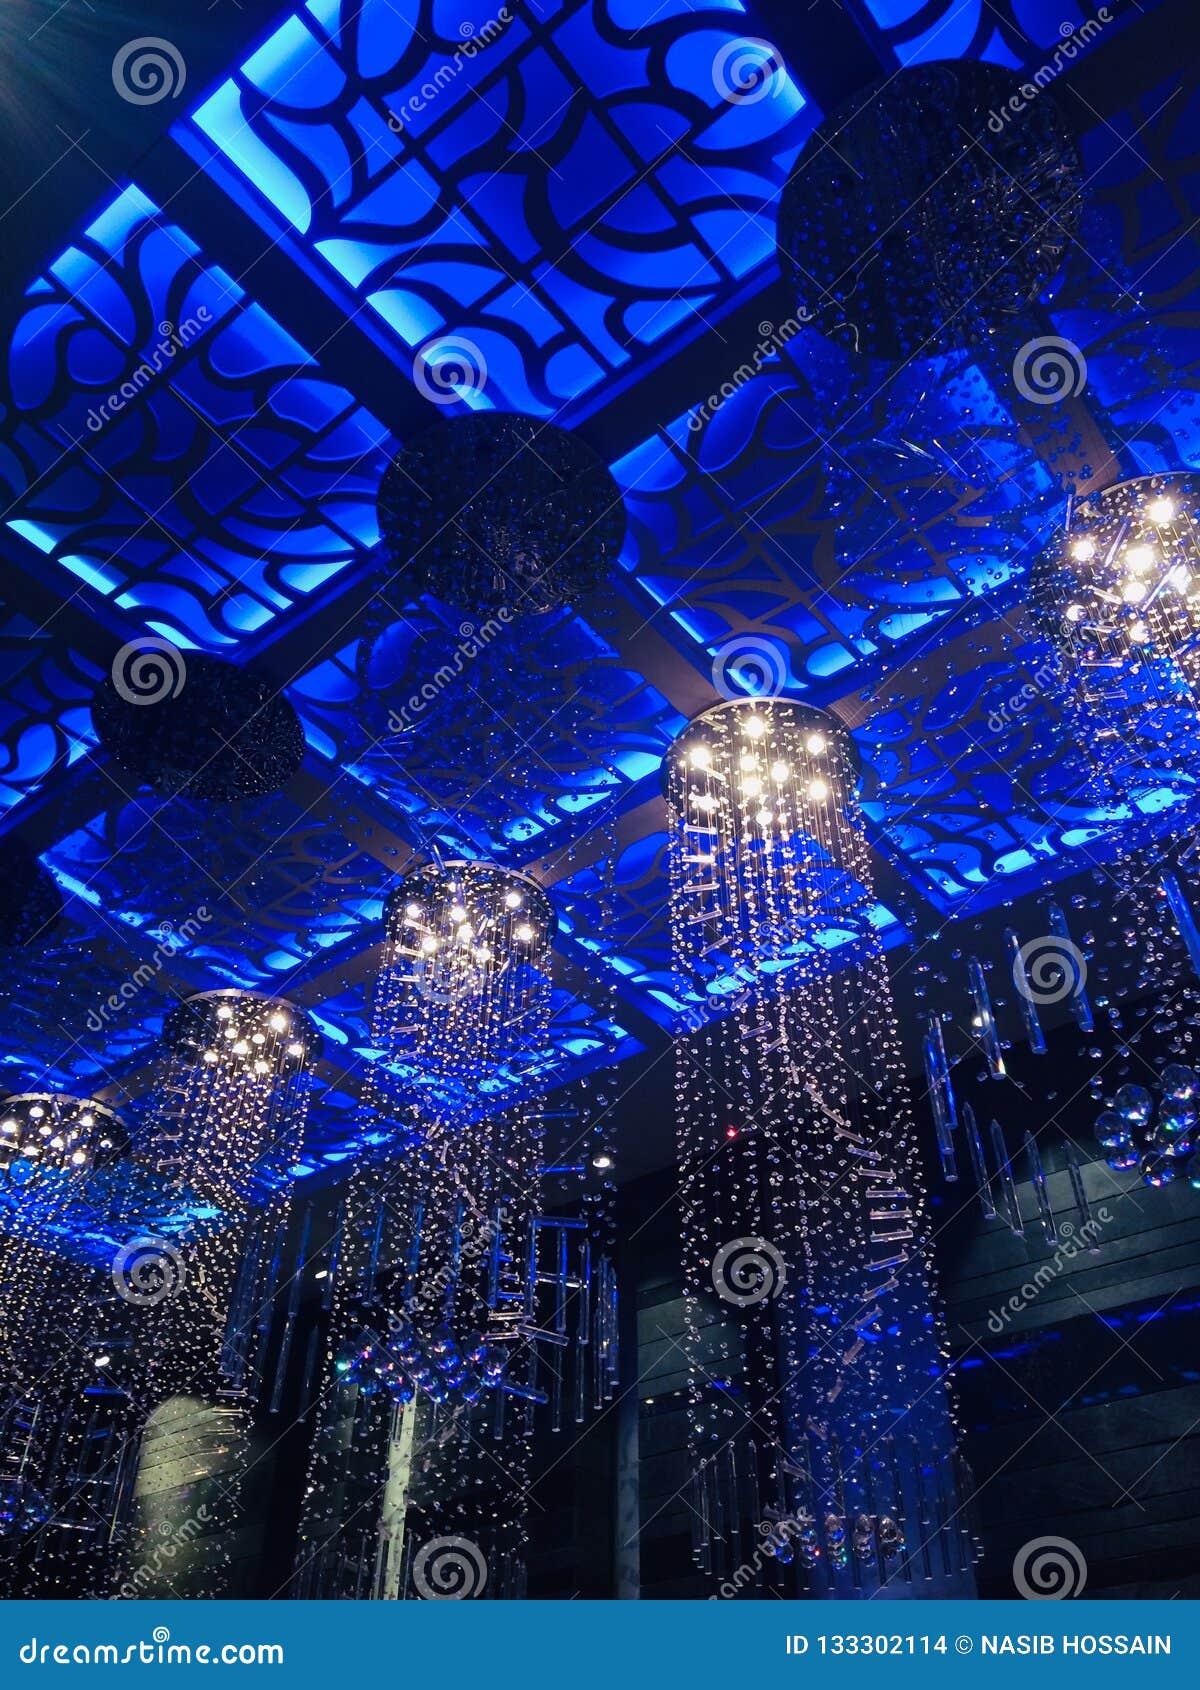 Beautiful hanging interior lights unique photo